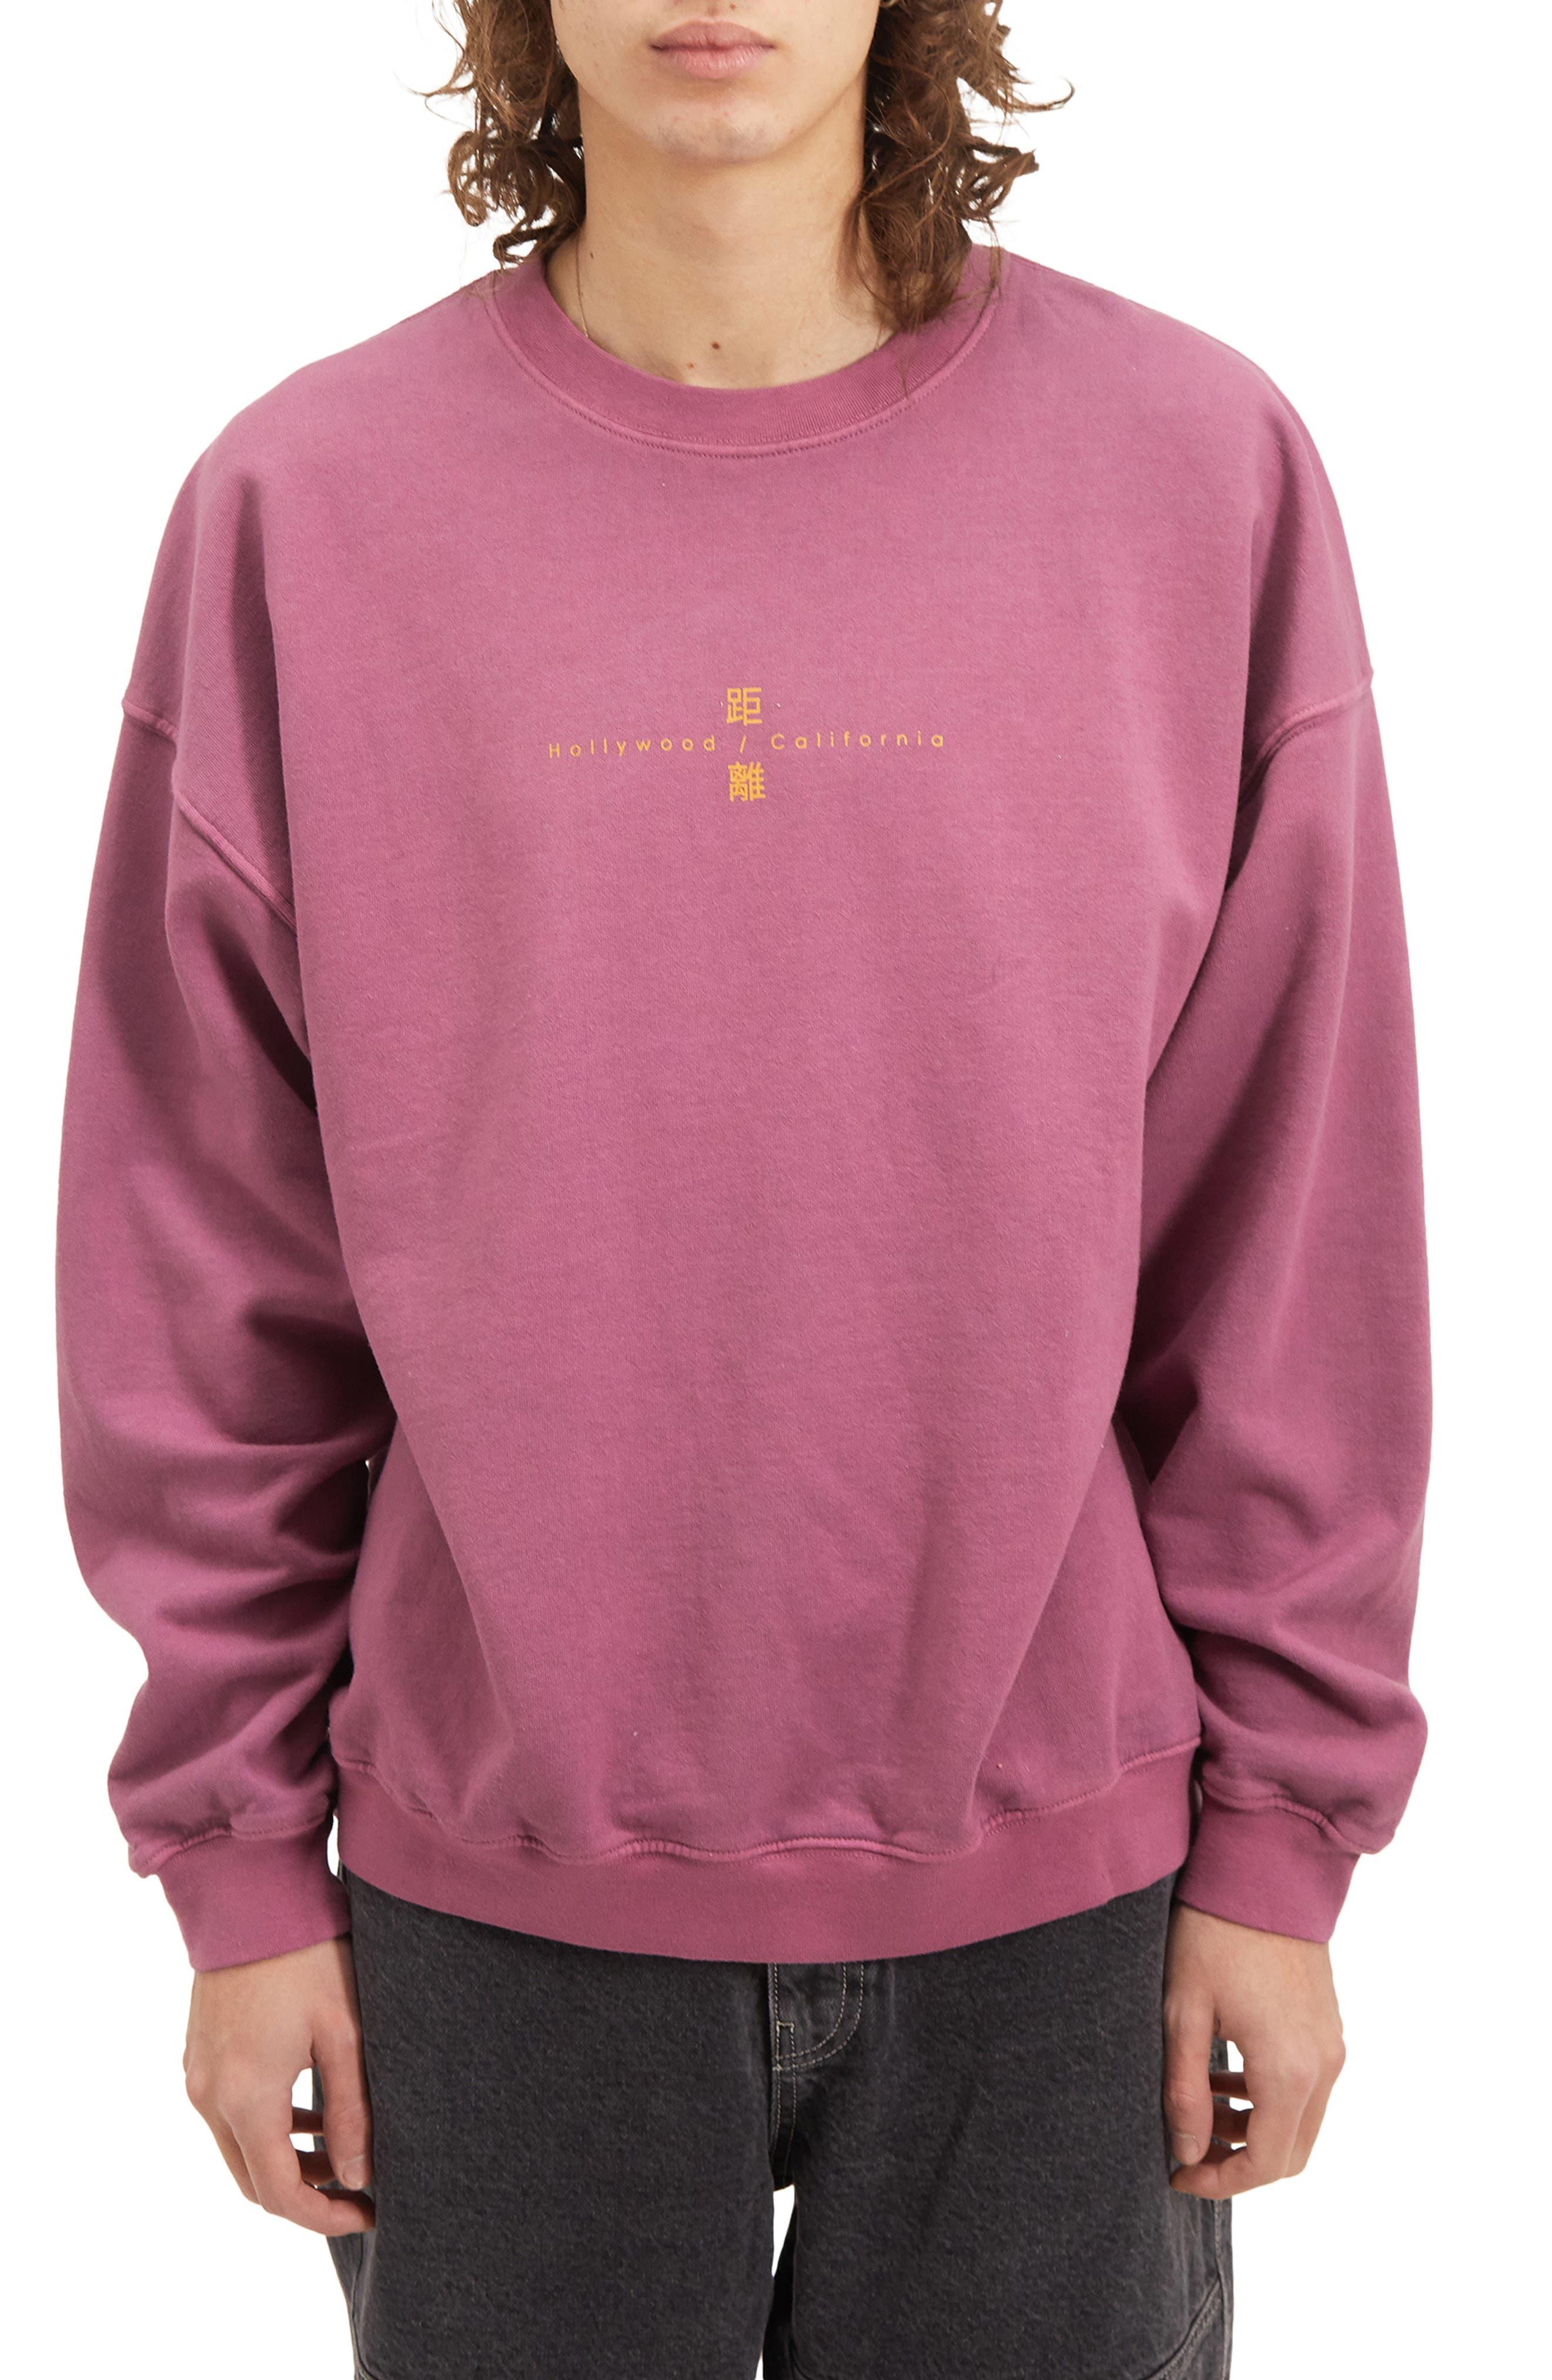 Distant Worlds Graphic Sweatshirt